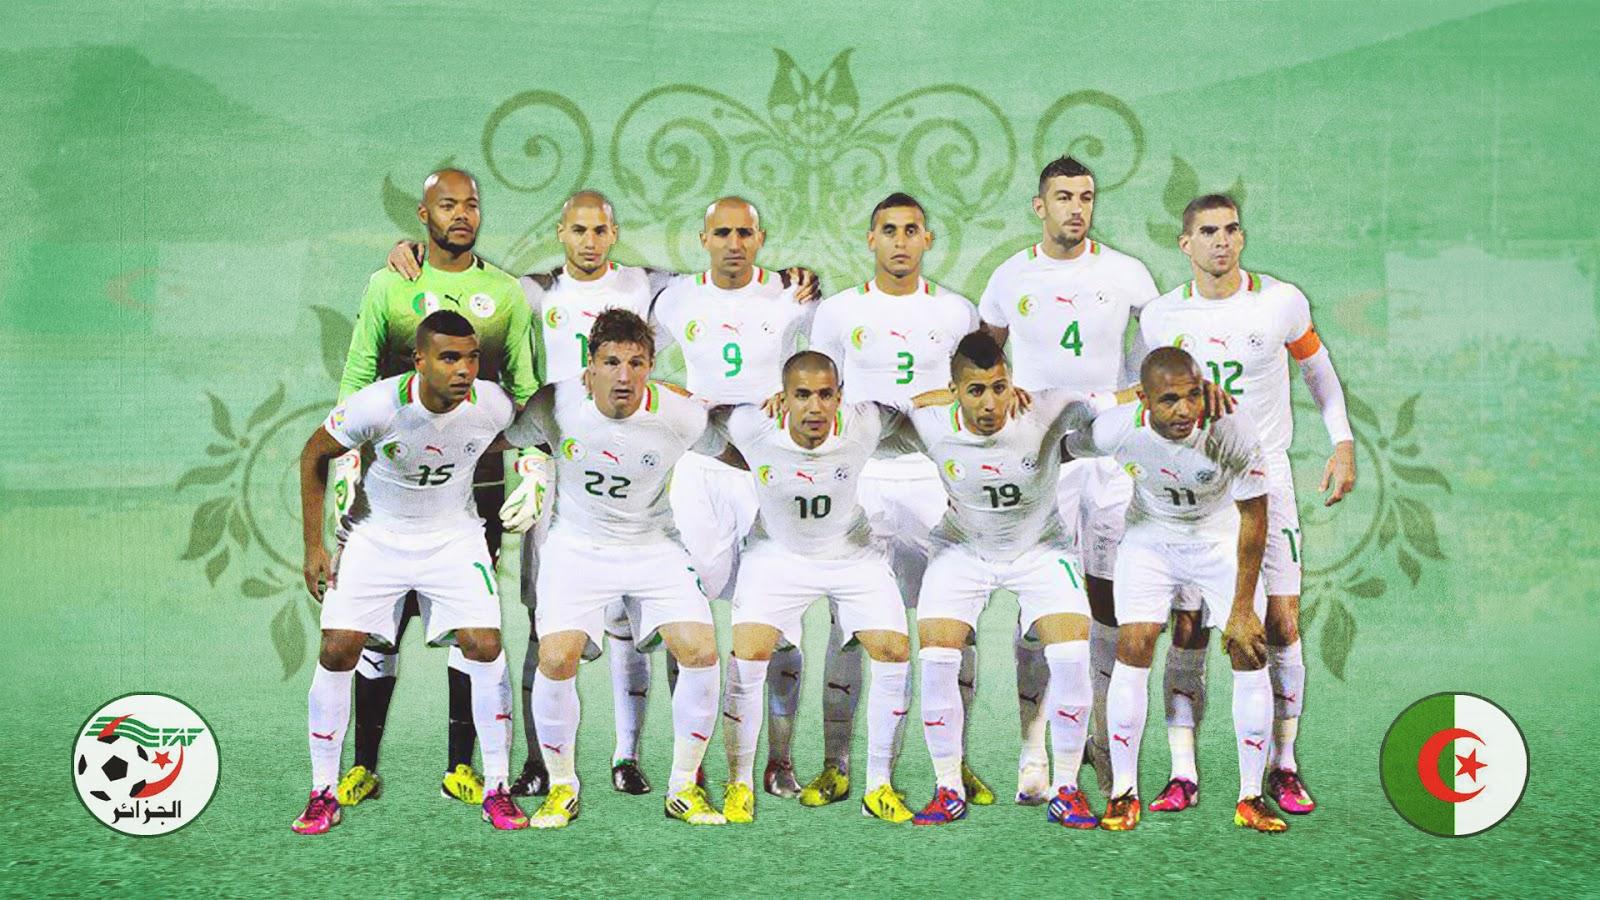 المنتخب الوطني الجزائري إلى المركز 15 عالميا لأول مرة في التاريخ